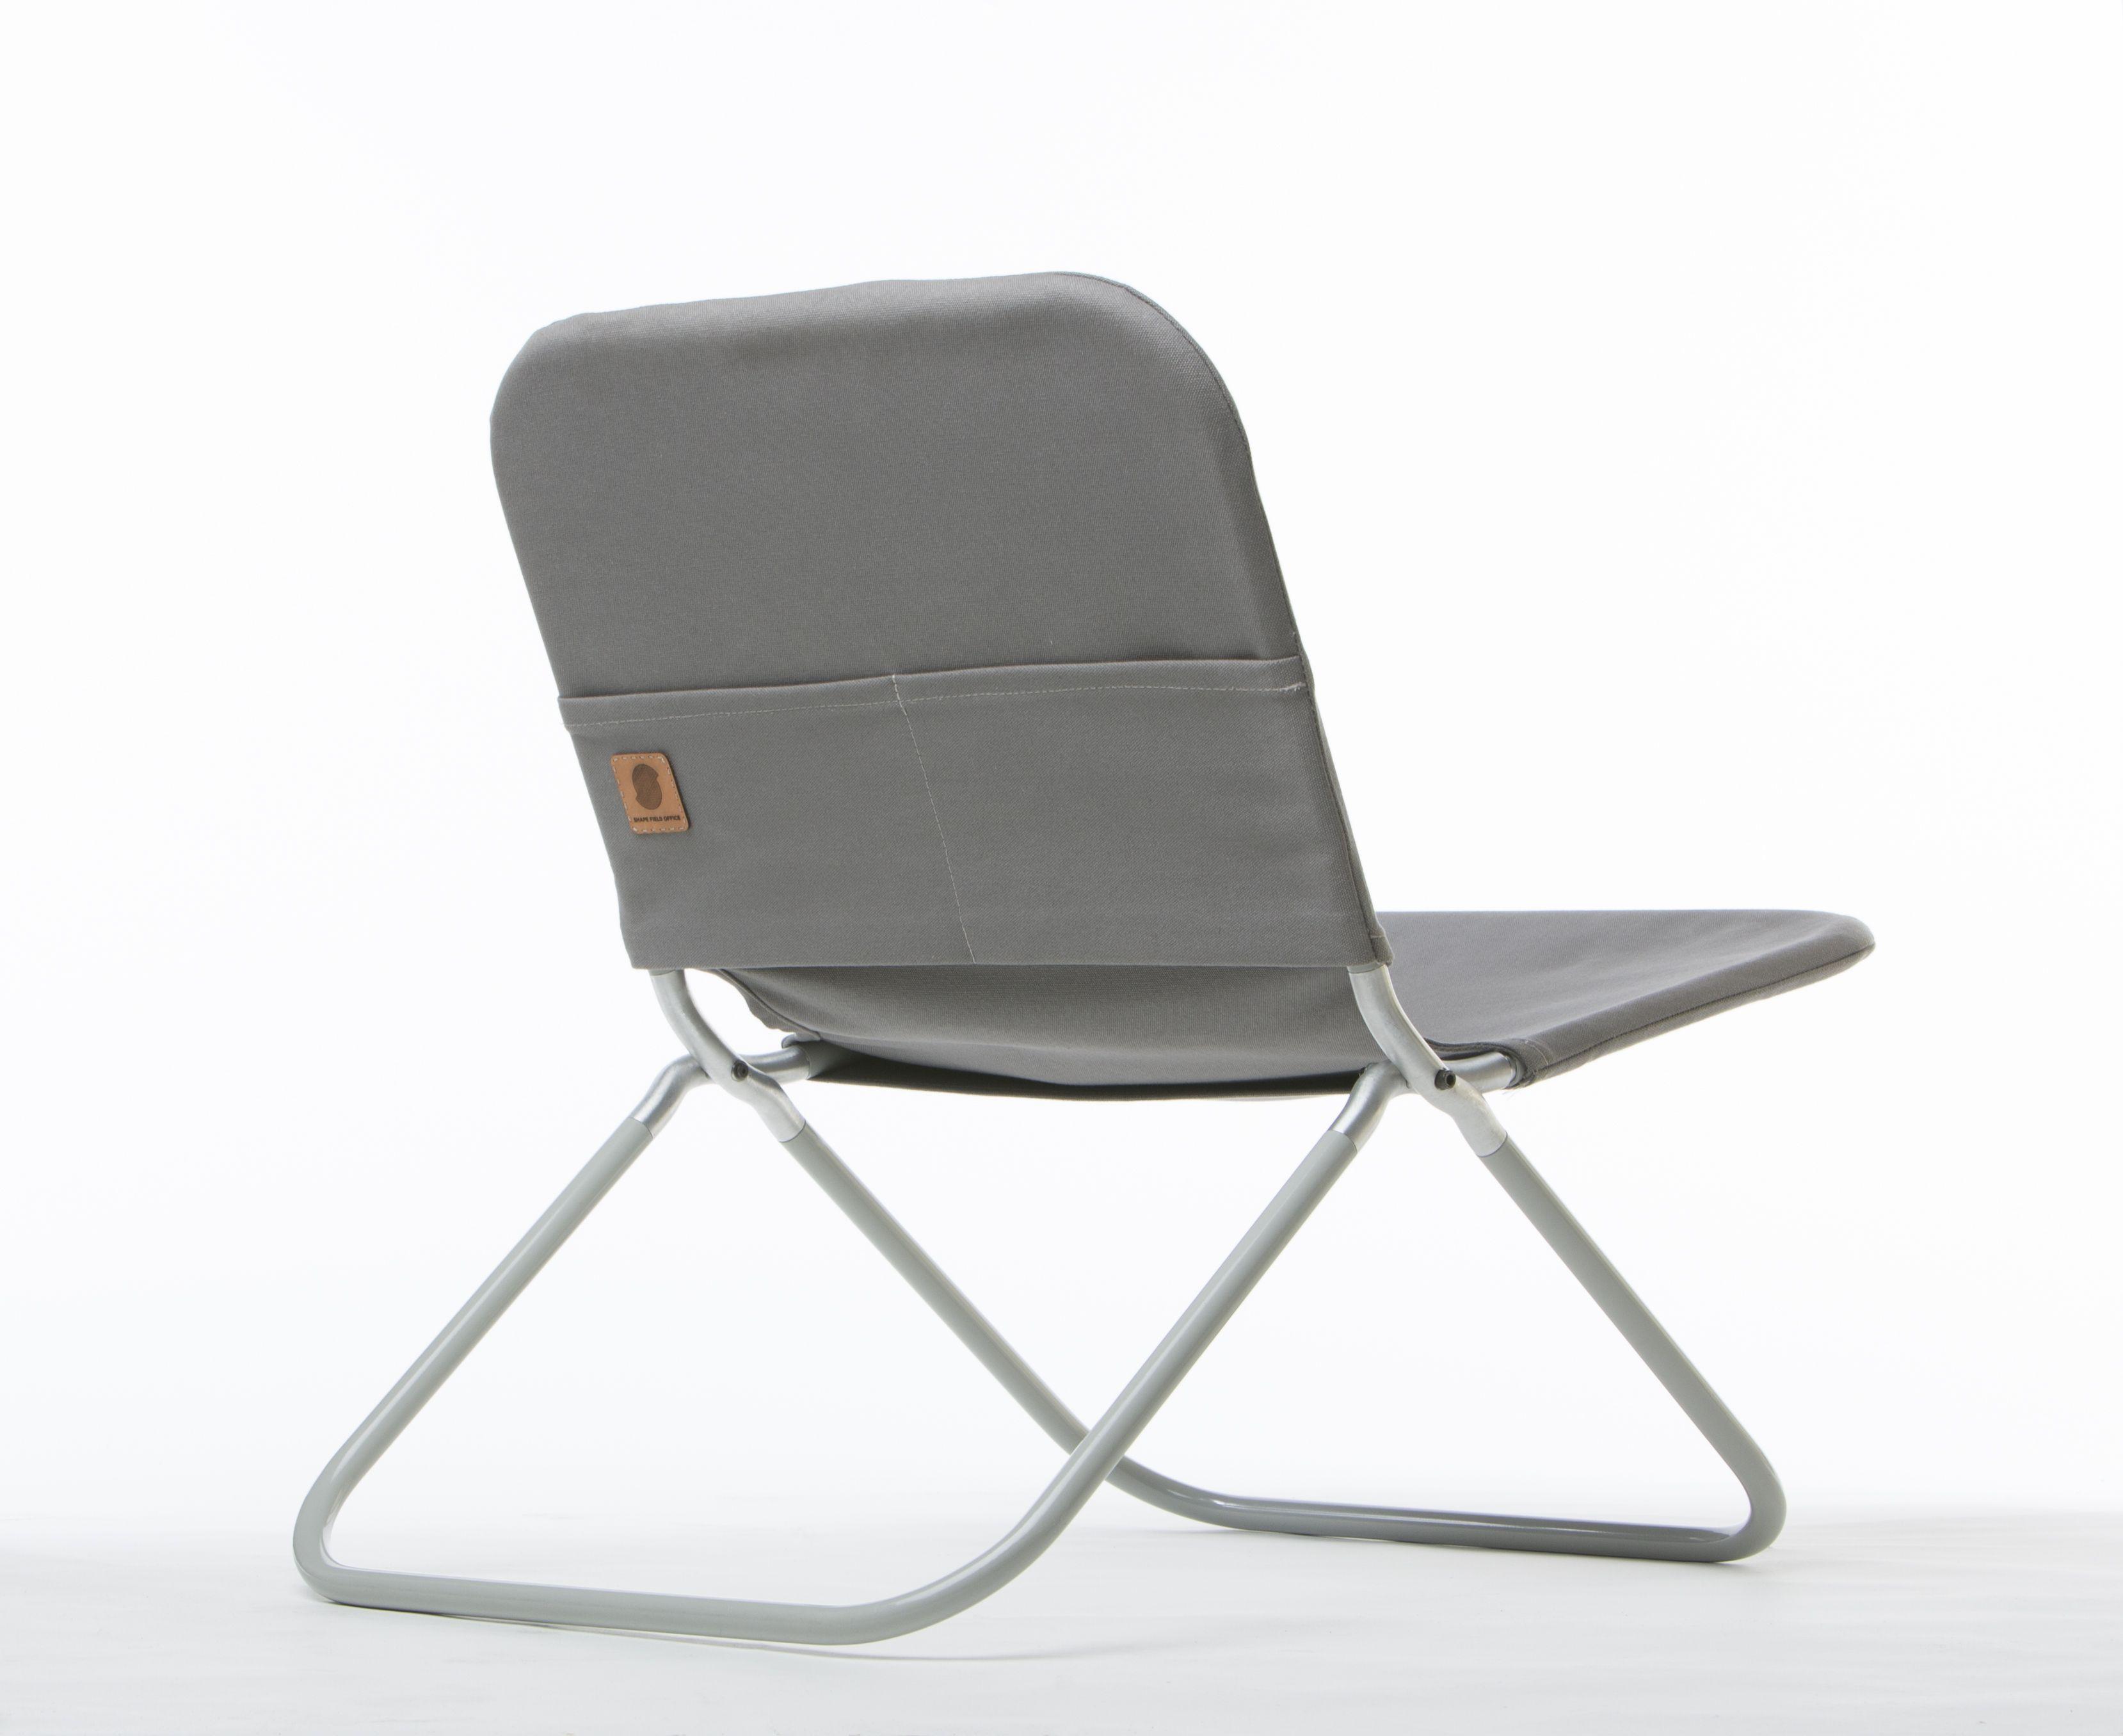 lightweight aluminum folding chair with a waxed canvas sling rh pinterest com